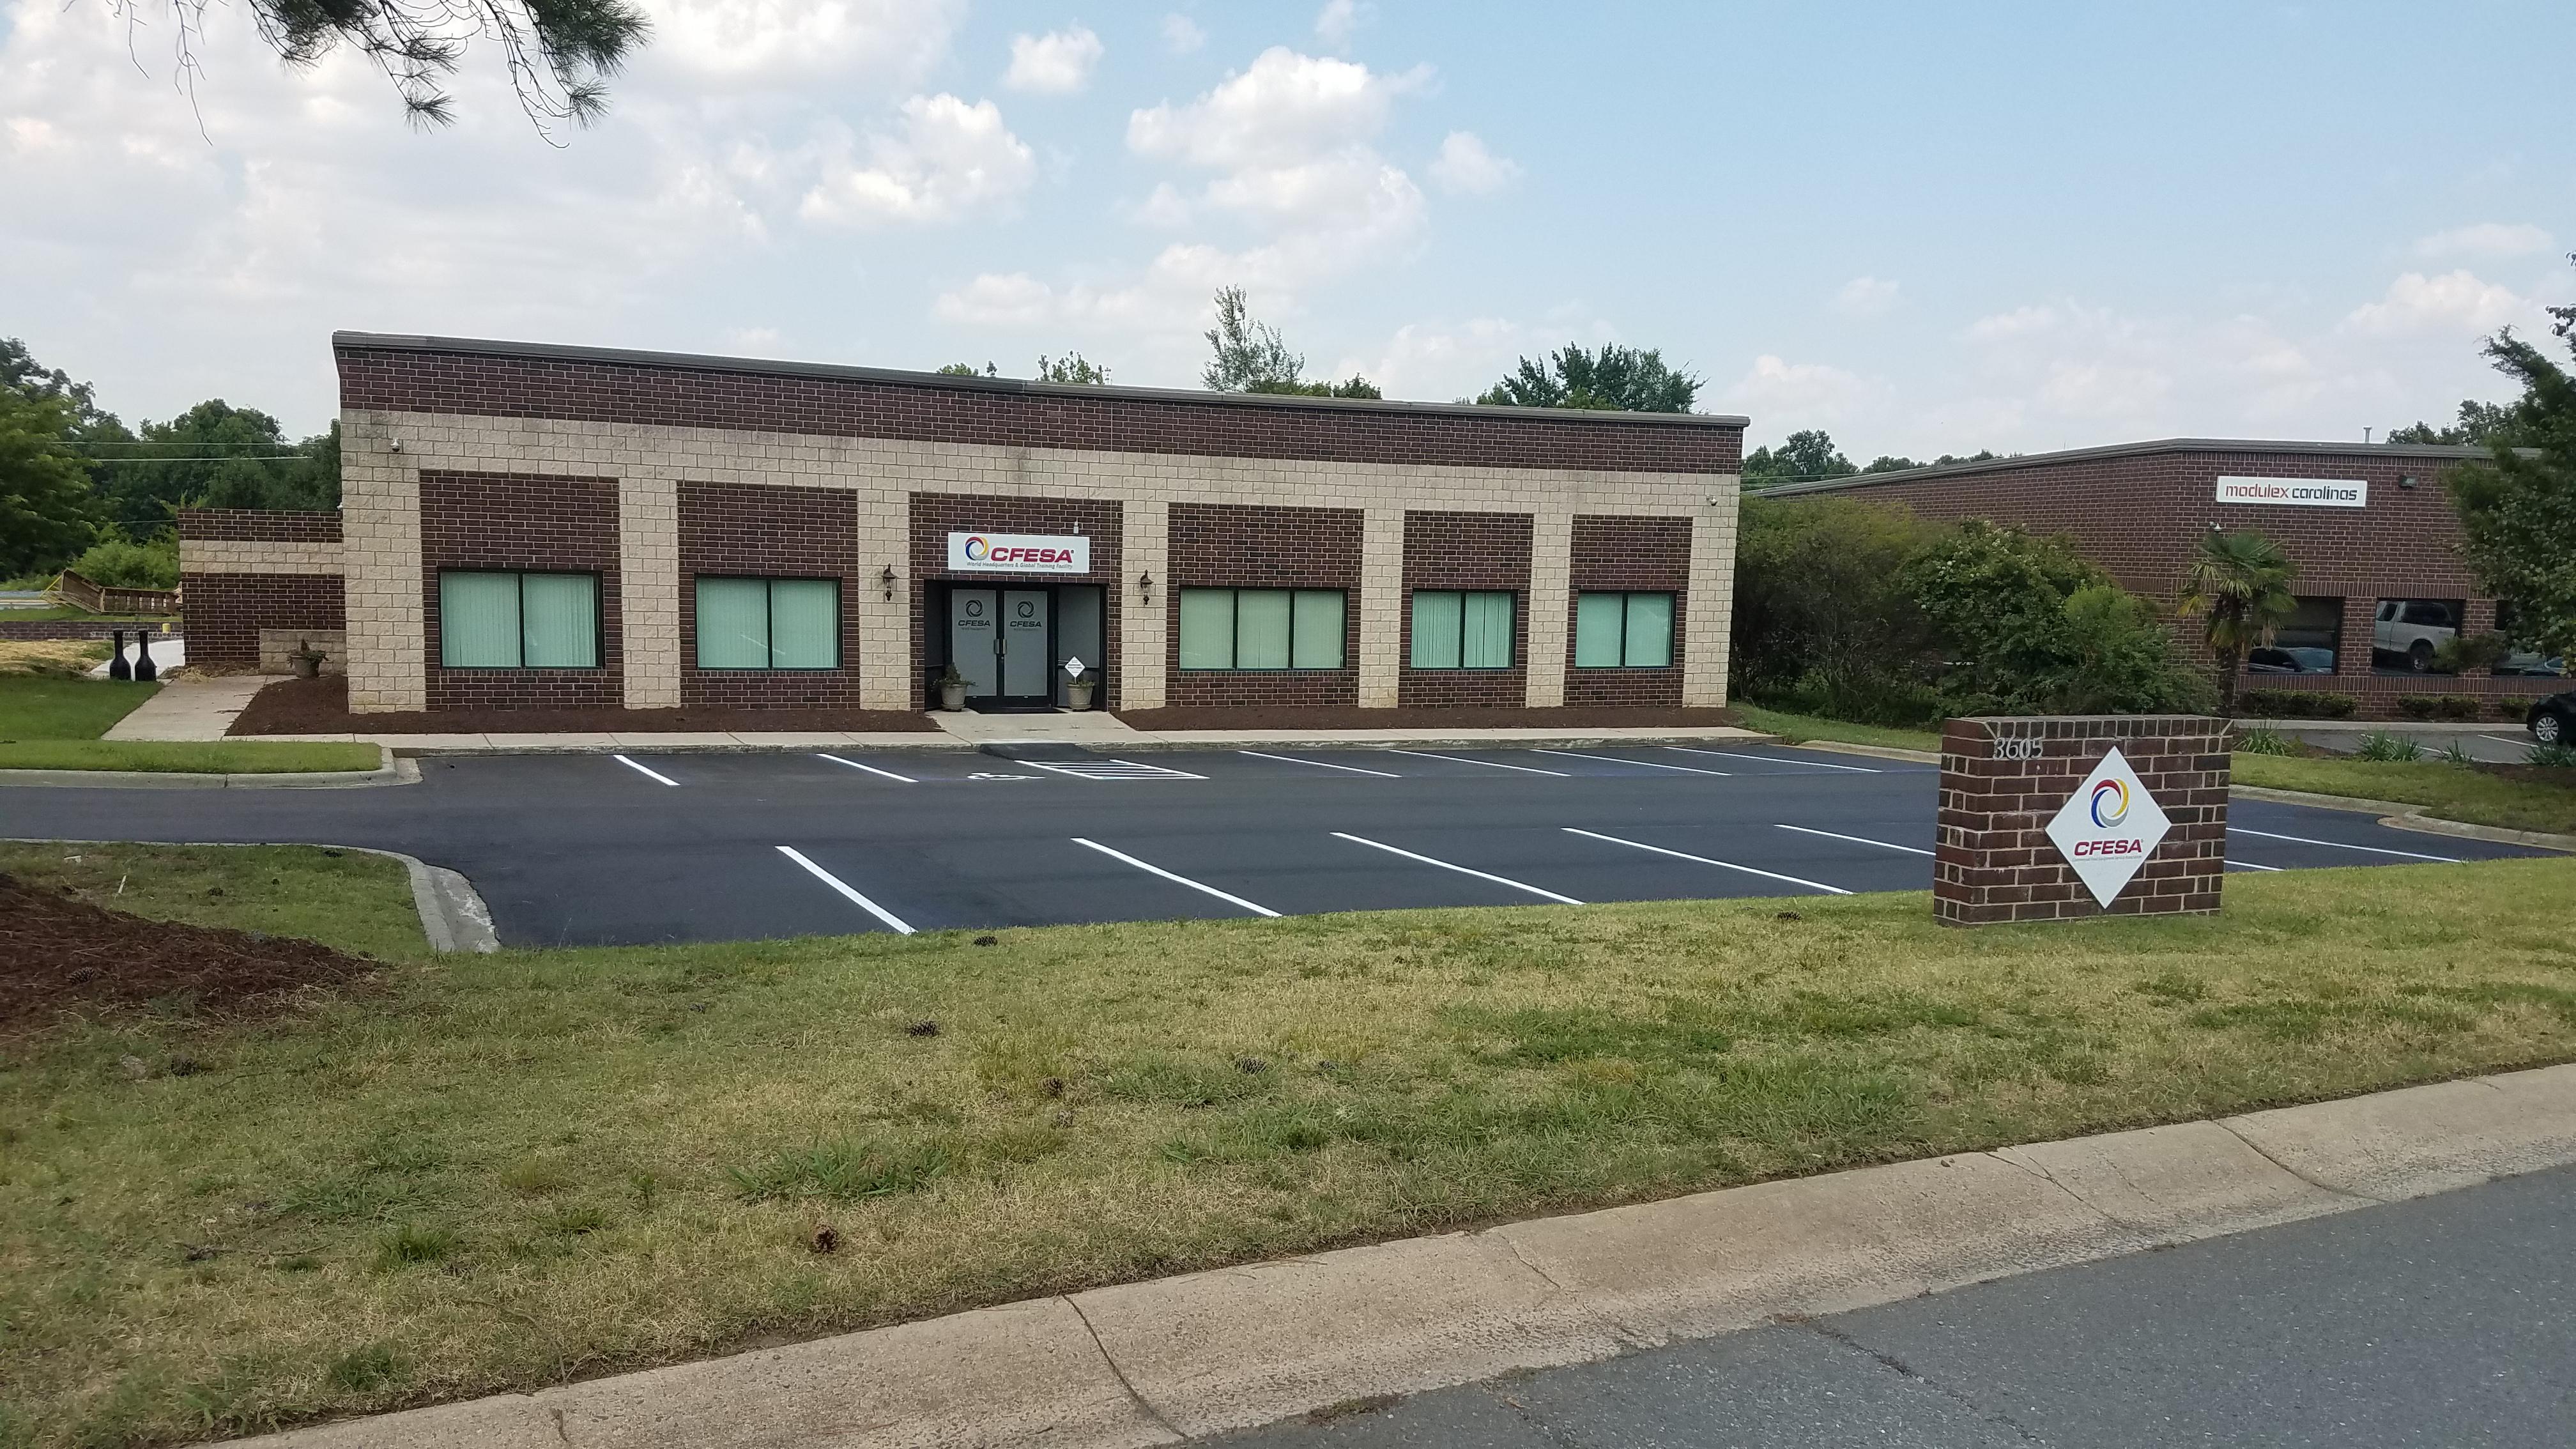 CFESA facility